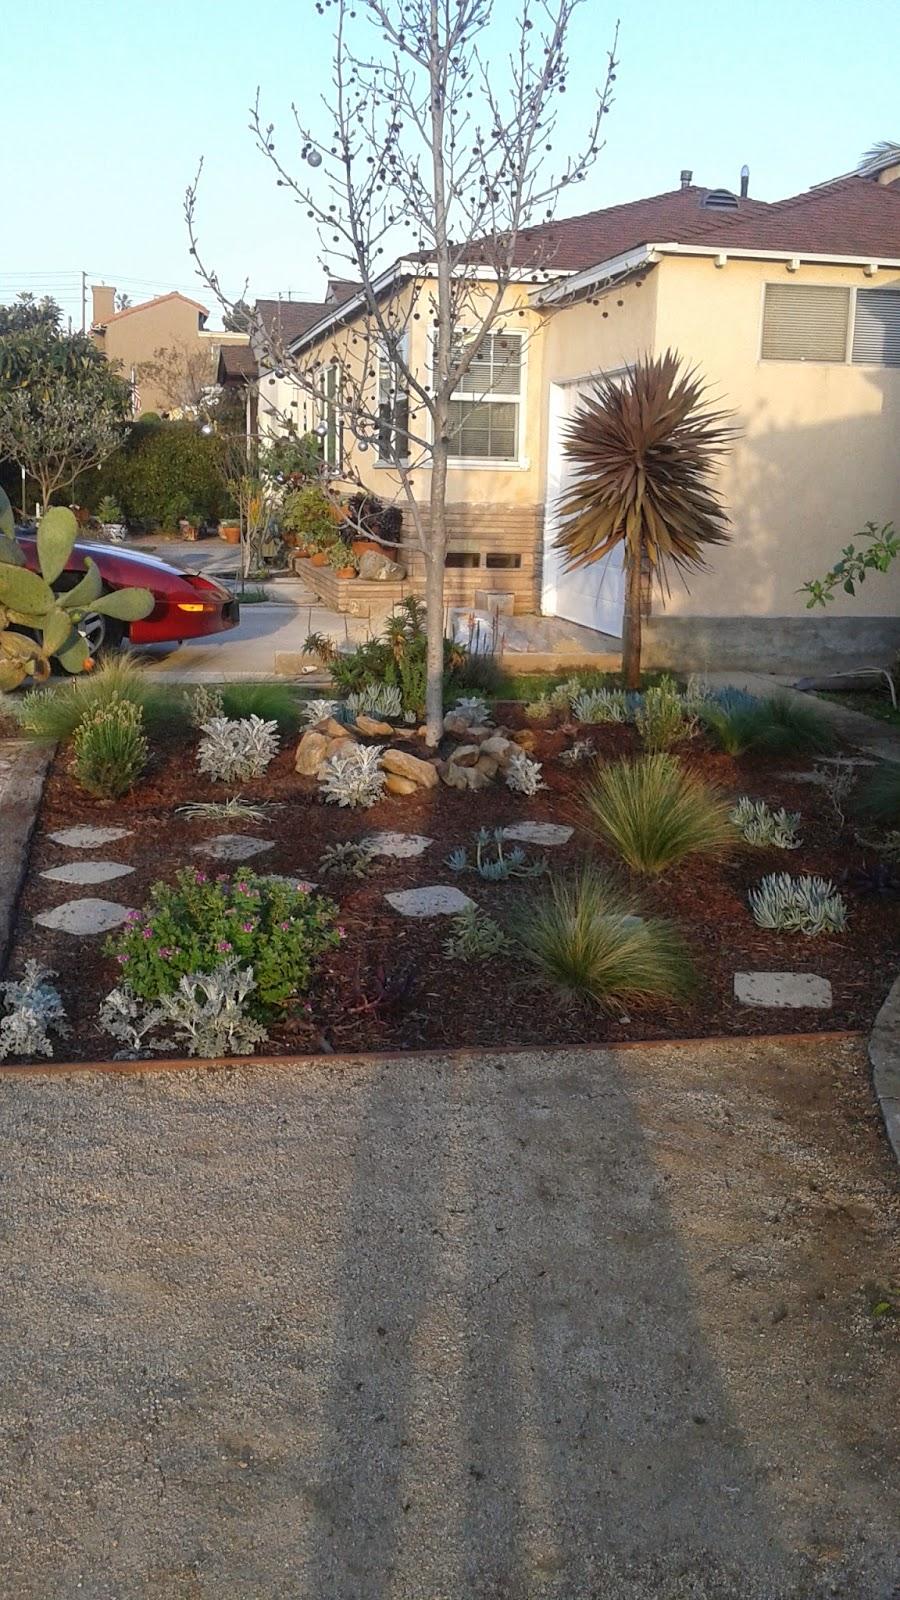 mar vista green garden showcase 12522 woodgreen street cluster 3a